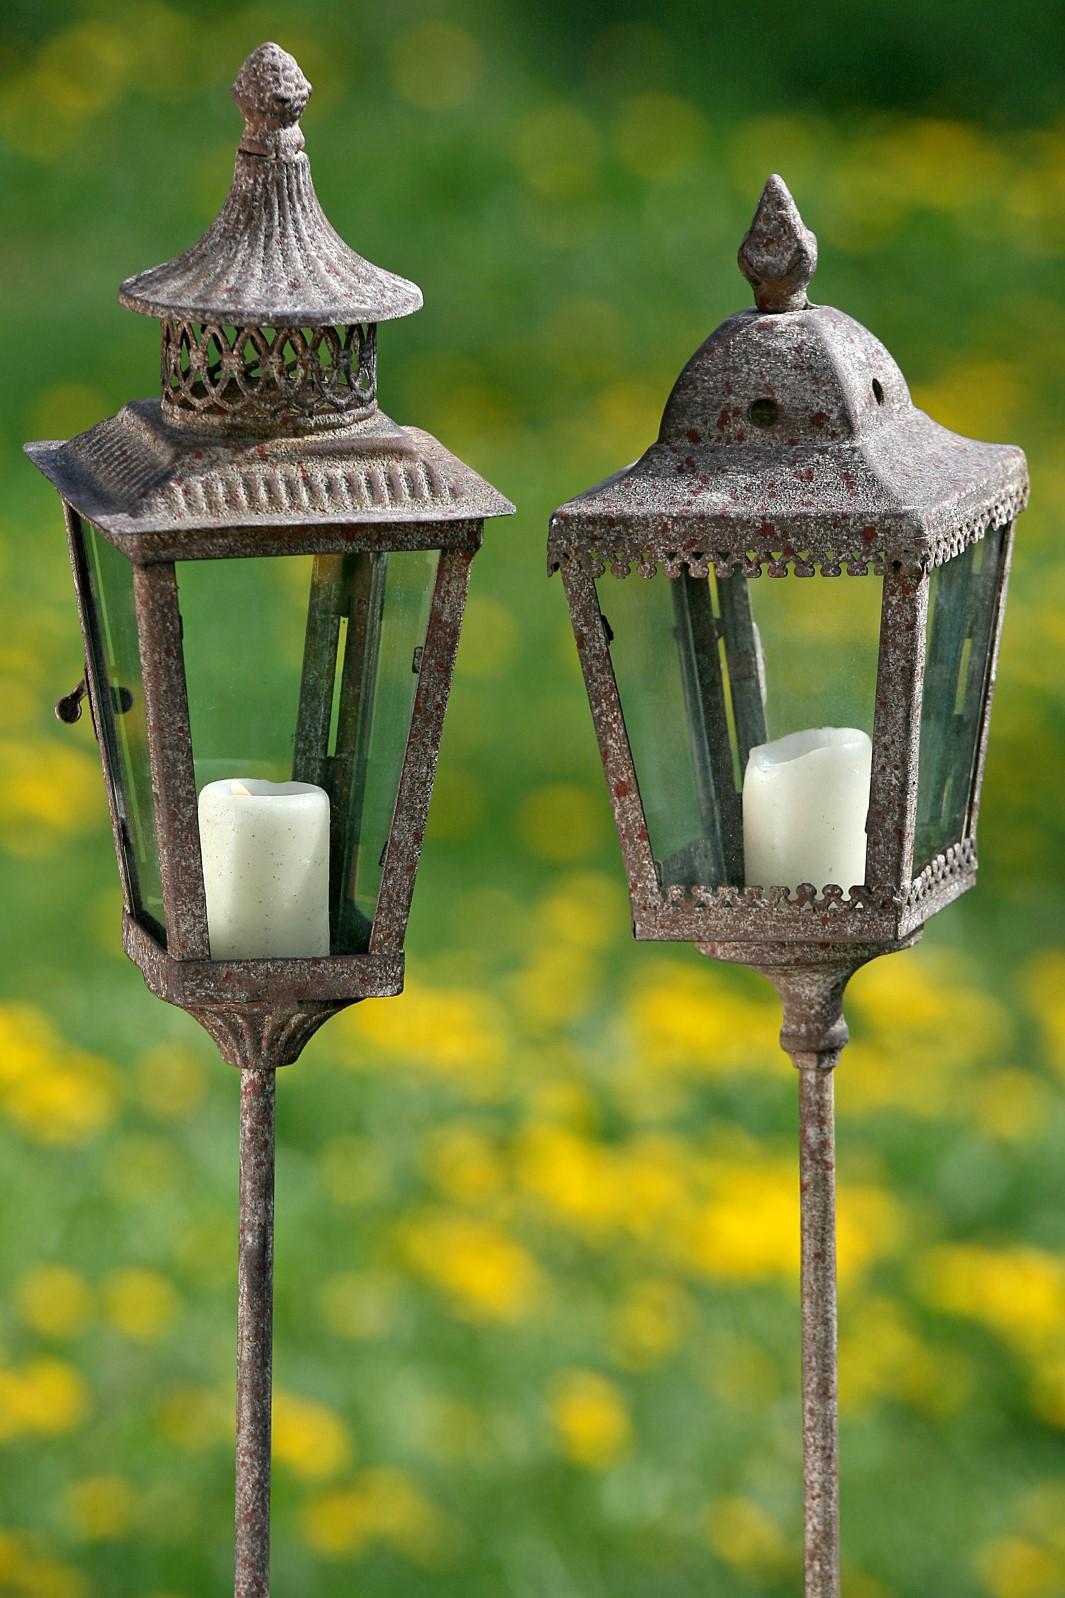 Laterne Gartenstab Windlicht Metall Glas   spitzes Ende Stückpreis